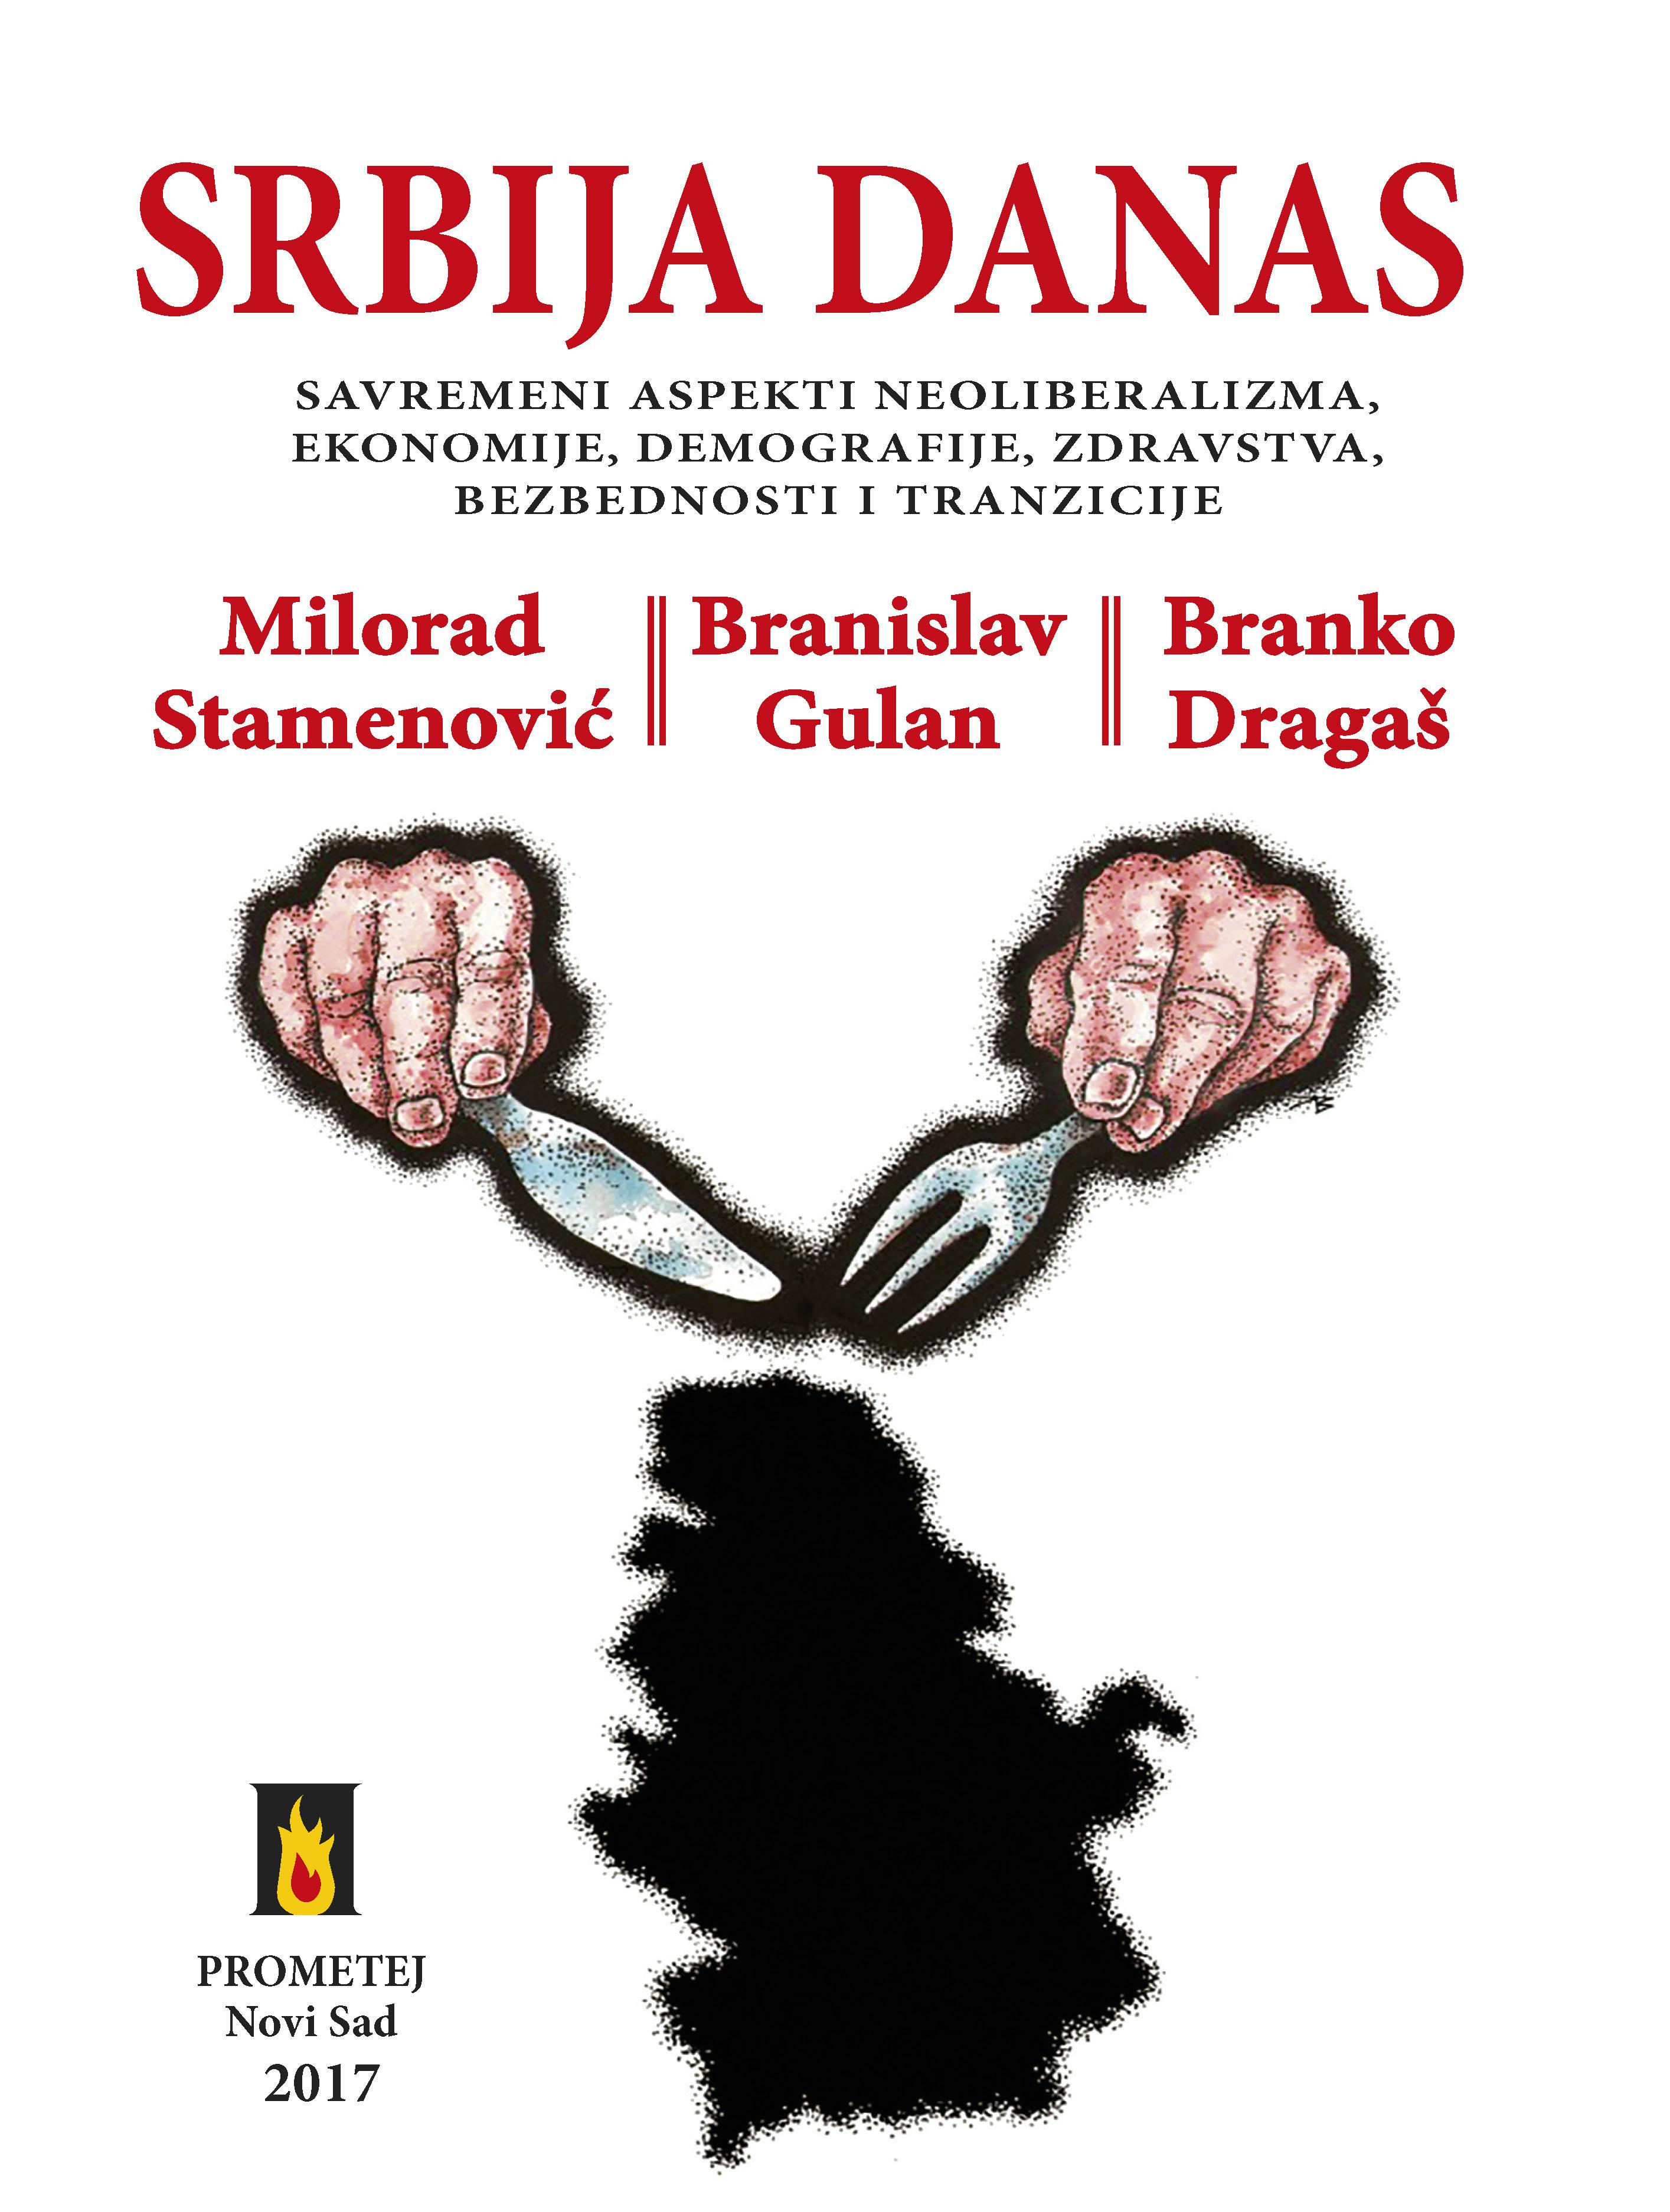 Србија данас – савремени аспекти неолиберализма, економије, демографије, здравства, безбедности и транзиције